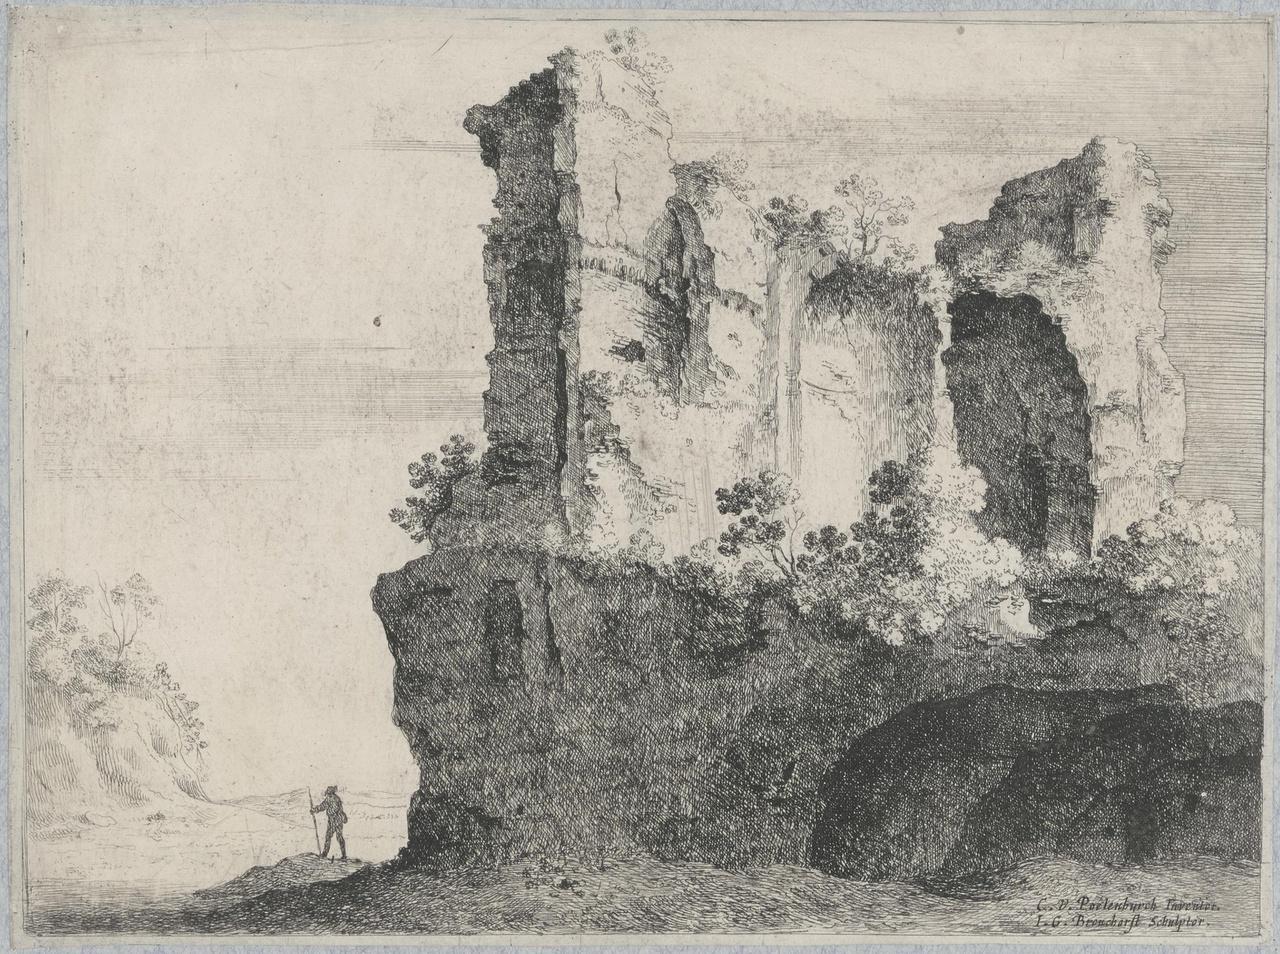 De ruïnes van de Trofeeën van Marius in Rome